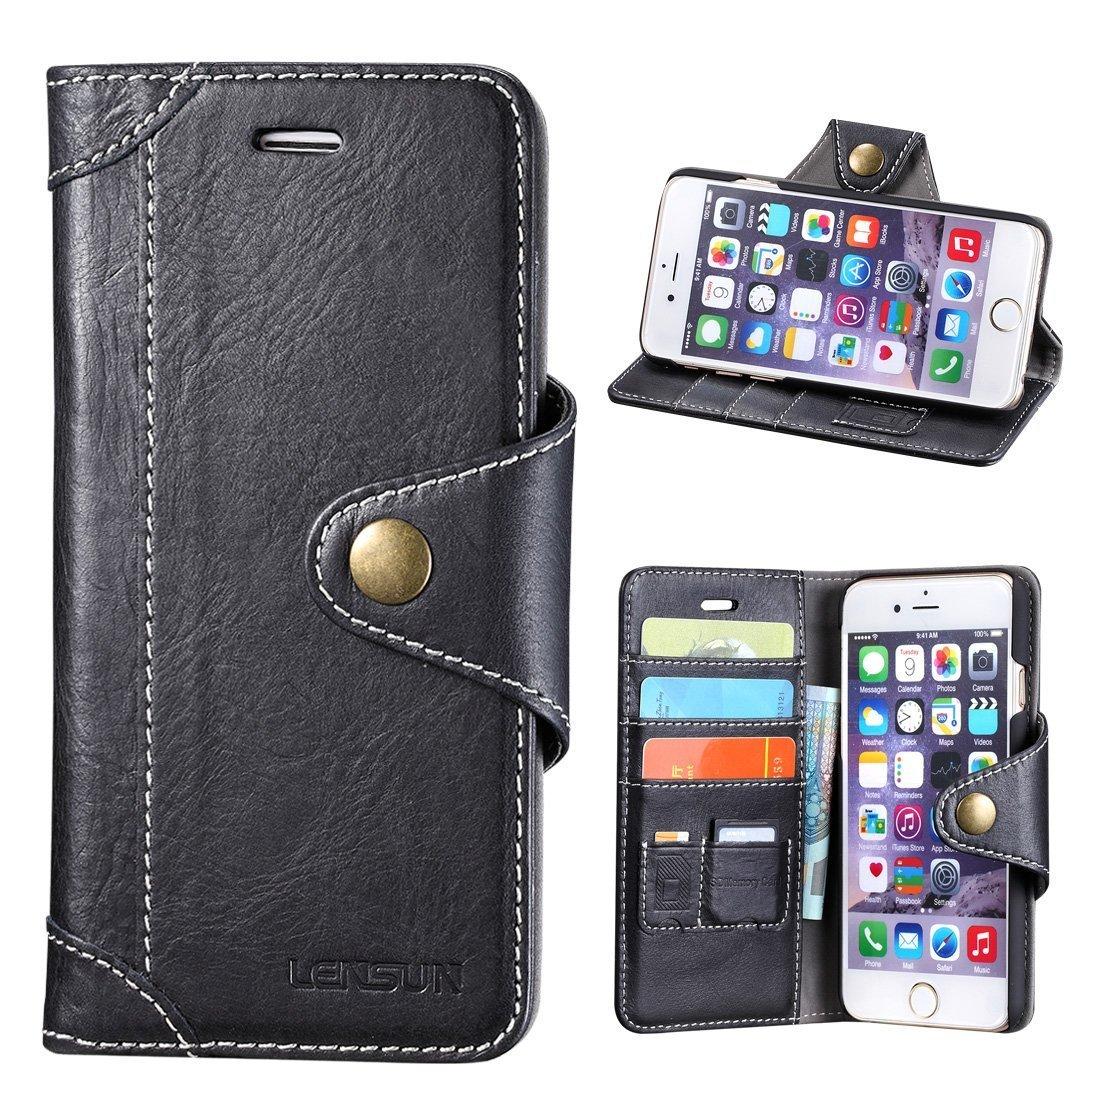 IPhone 6 Hulle 6s Lensun Amazonde Elektronik